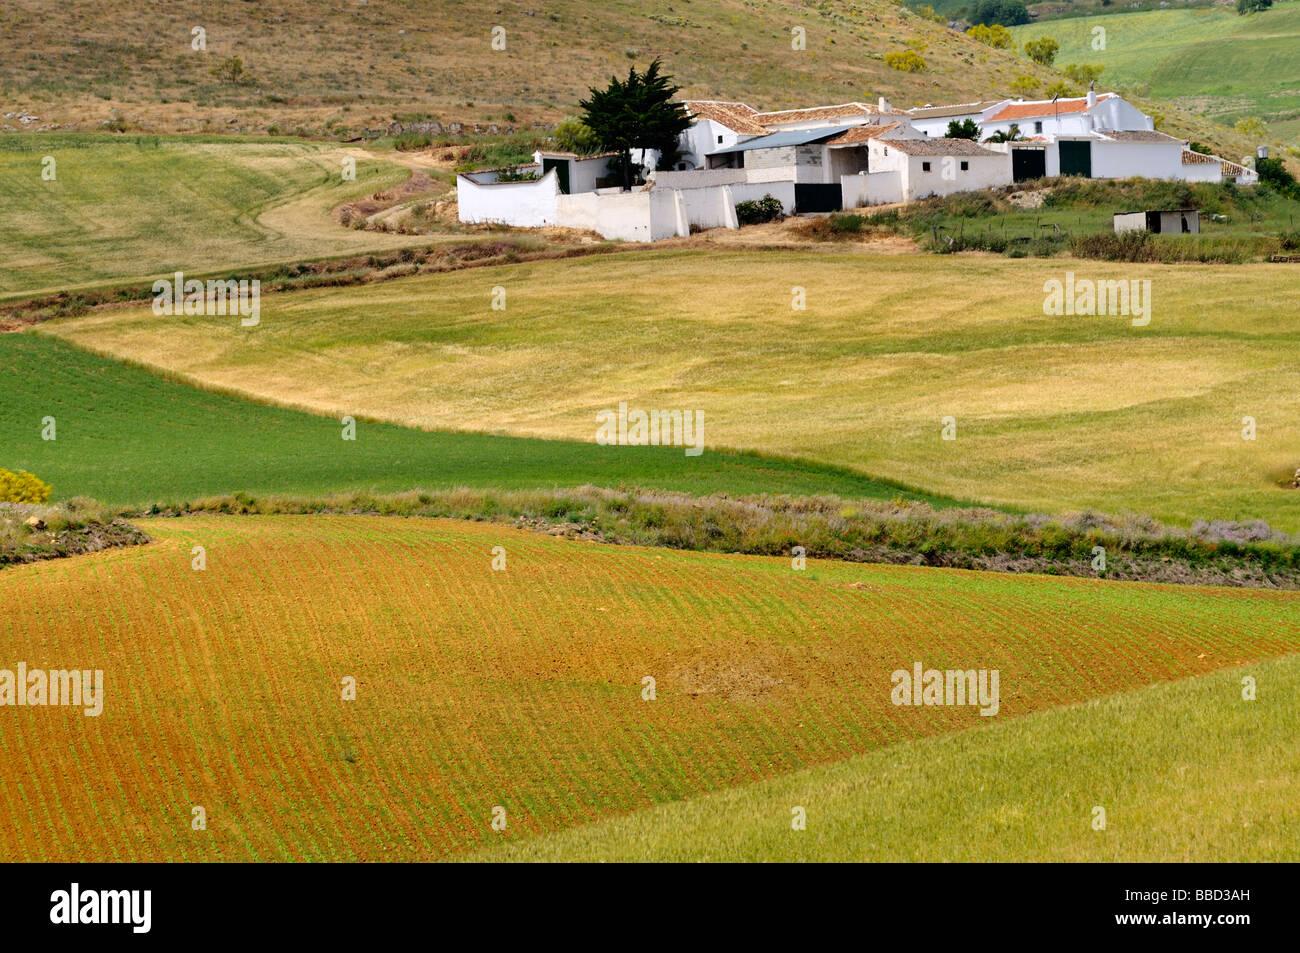 Case bianche campagna di Andalusia Spagna vicino a Teba Immagini Stock